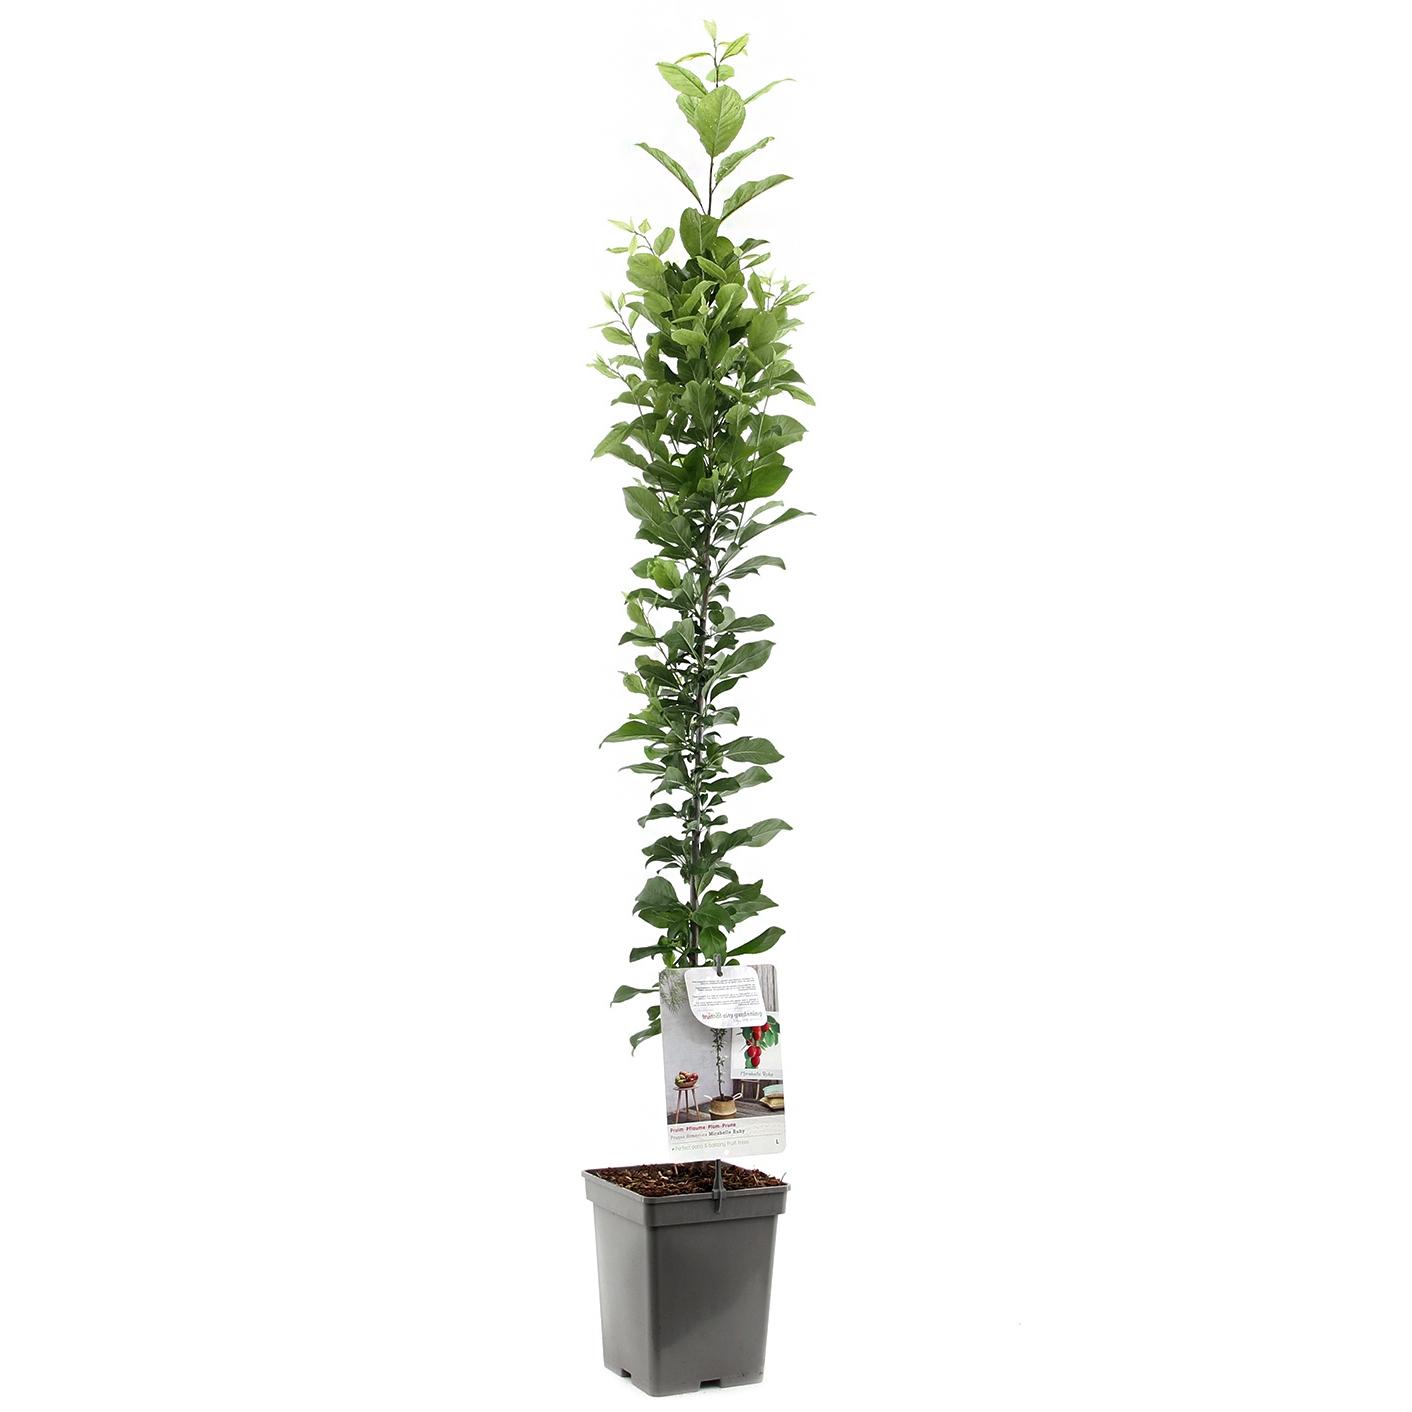 Zuil-pruimenboom Prunus domestica 'Mirabelle Ruby'